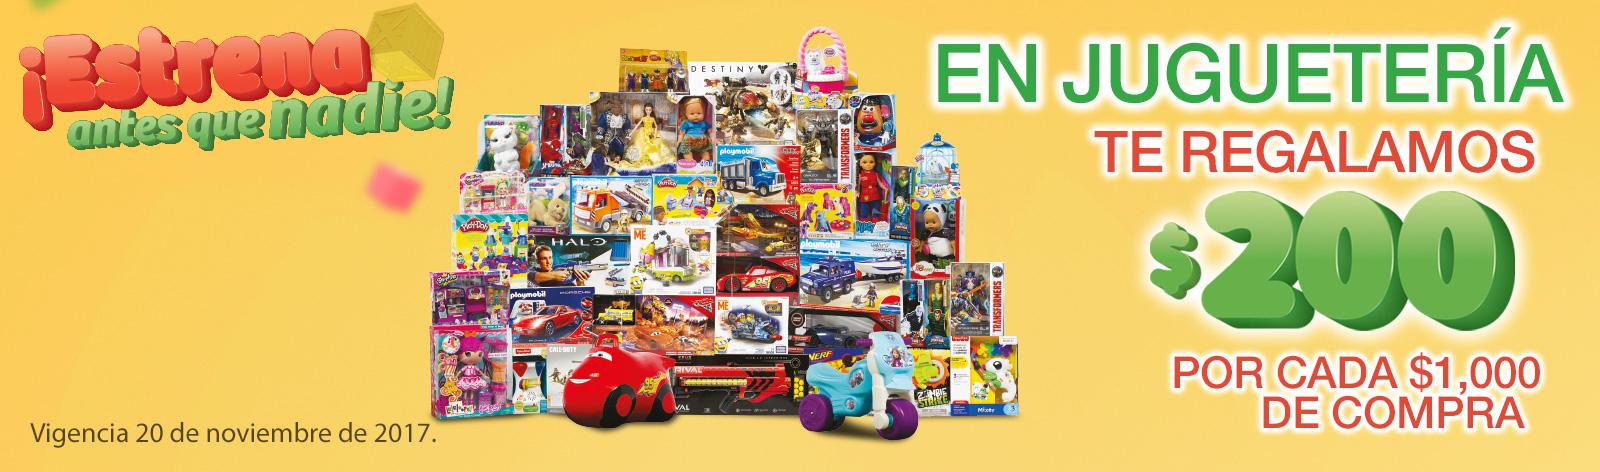 Ofertas del Buen Fin 2017 en Comercial Mexicana y MEGA: $200 de descuento por cada $1,000 en juguetería